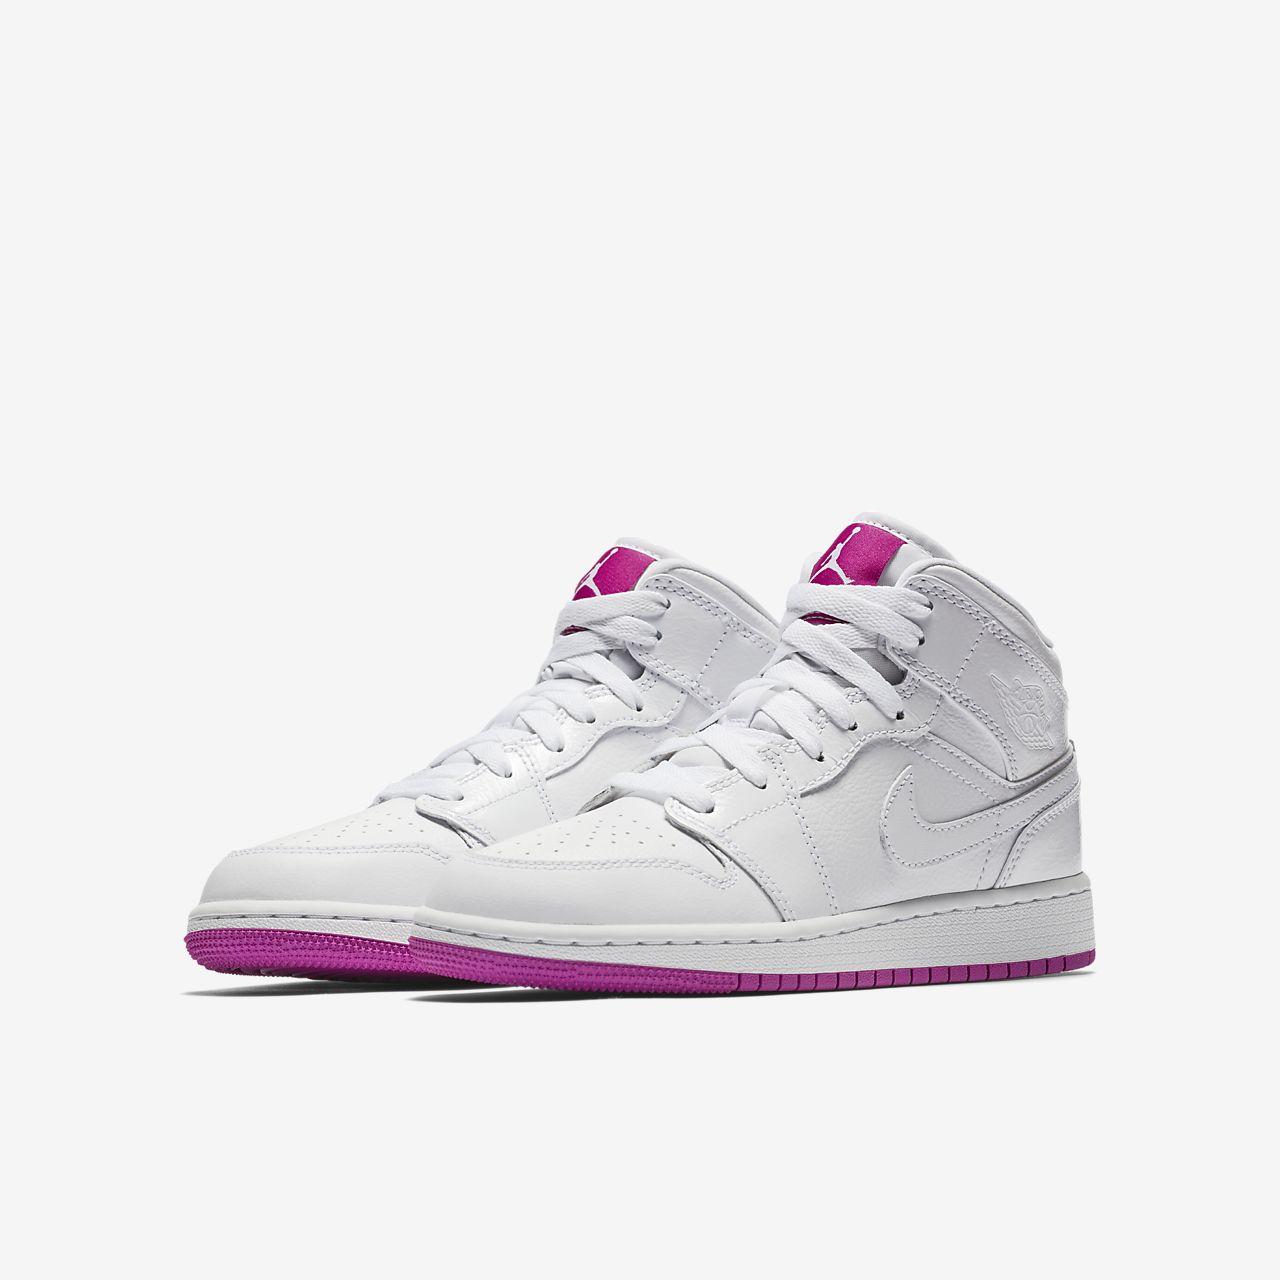 ... Air Jordan 1 Mid Big Kids' Shoe